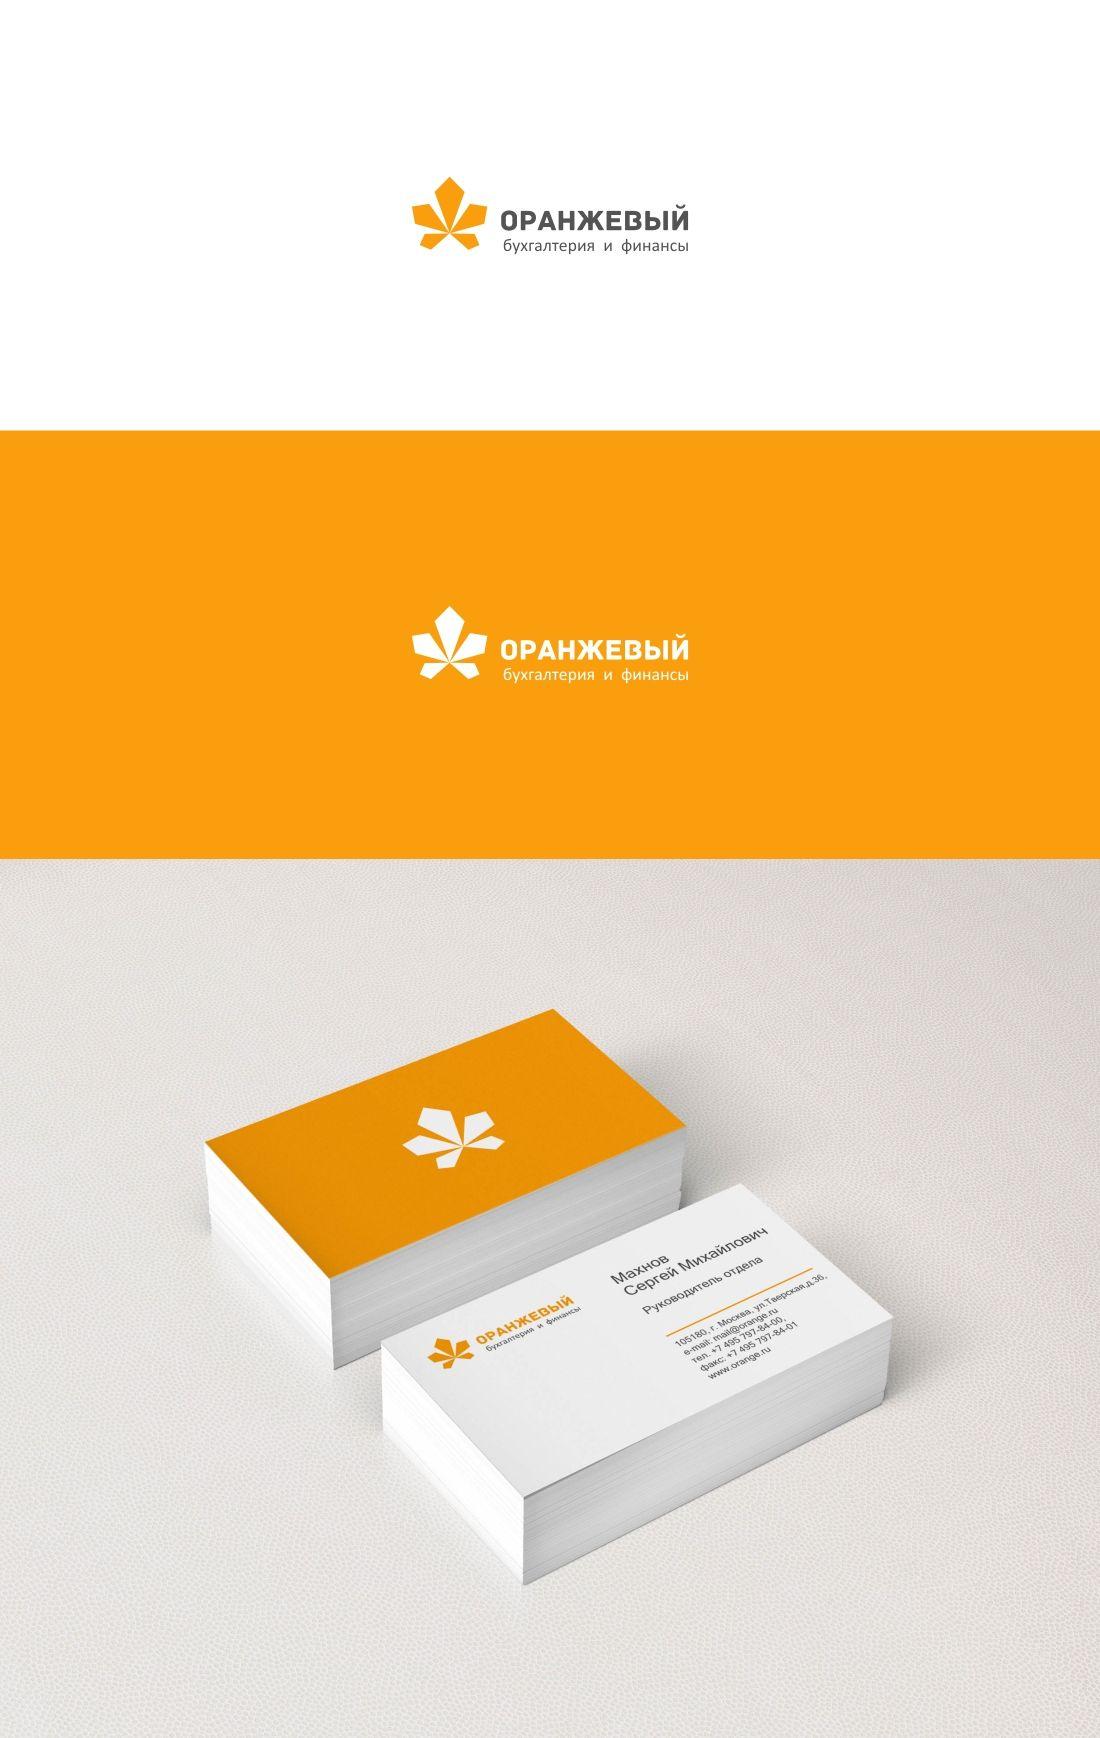 Логотип Финансовой Организации - дизайнер 4shark